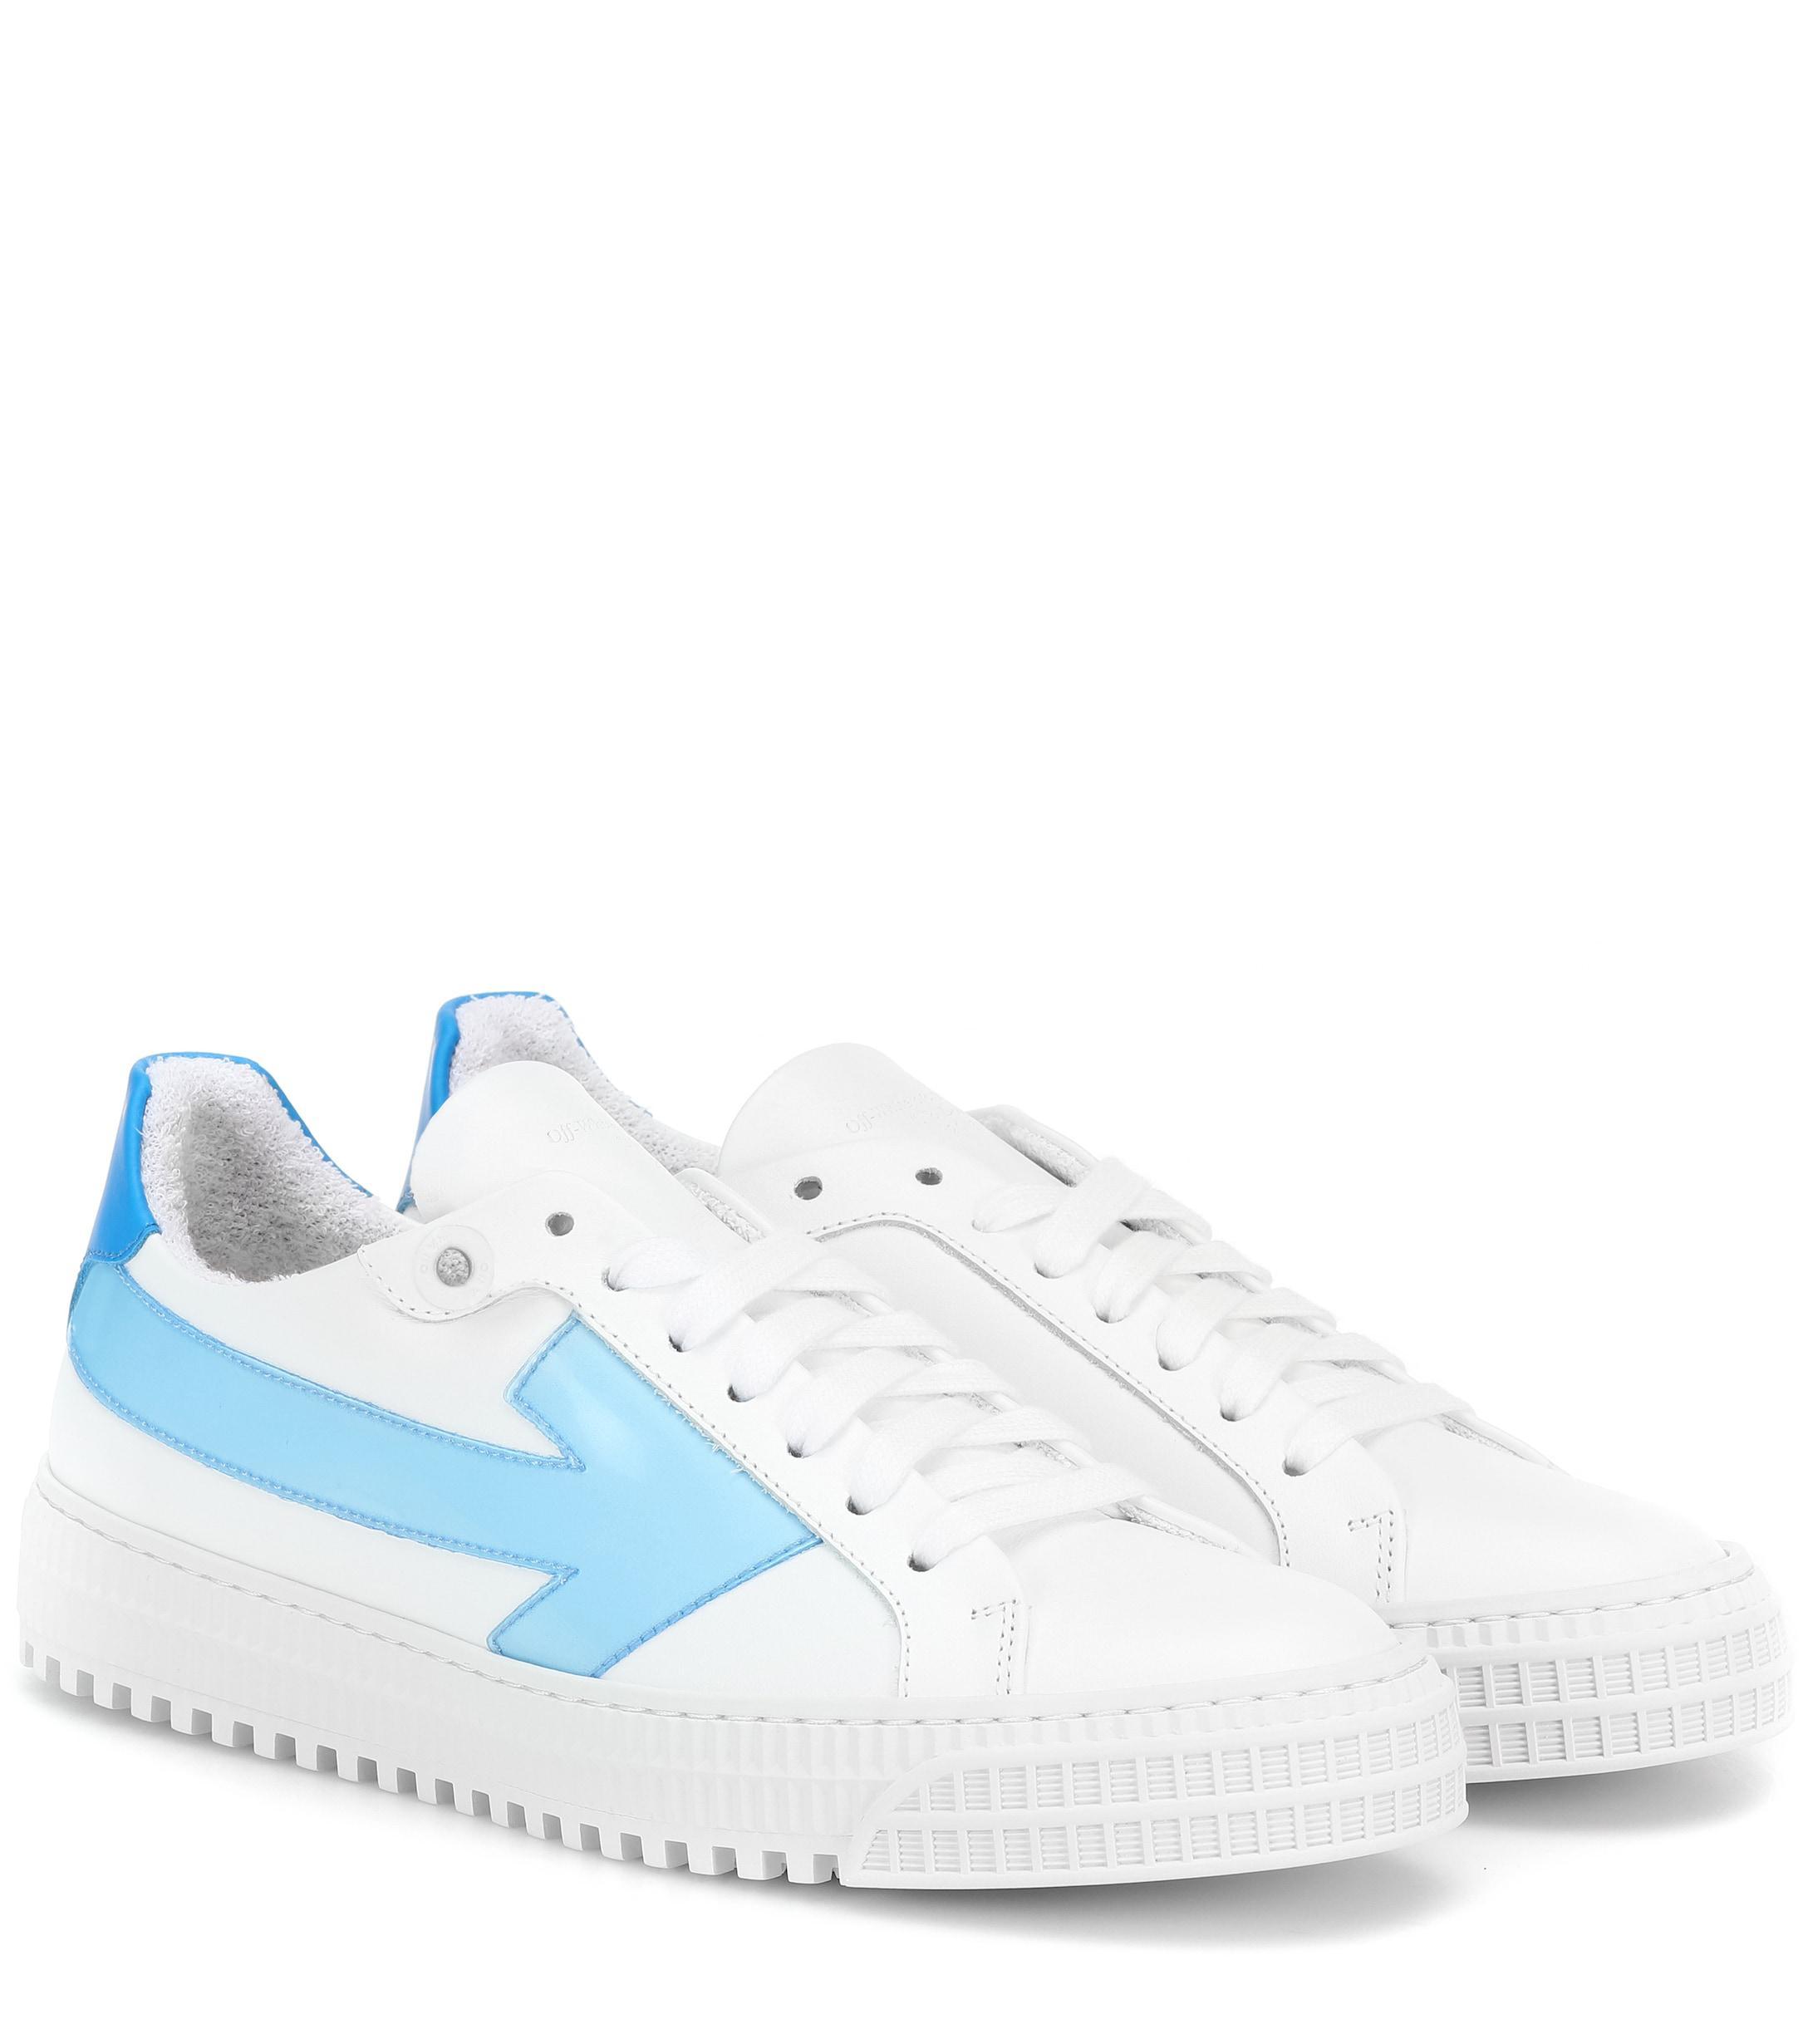 e4b6c1e0d691 Off-White c o Virgil Abloh. Women s Leather Sneakers